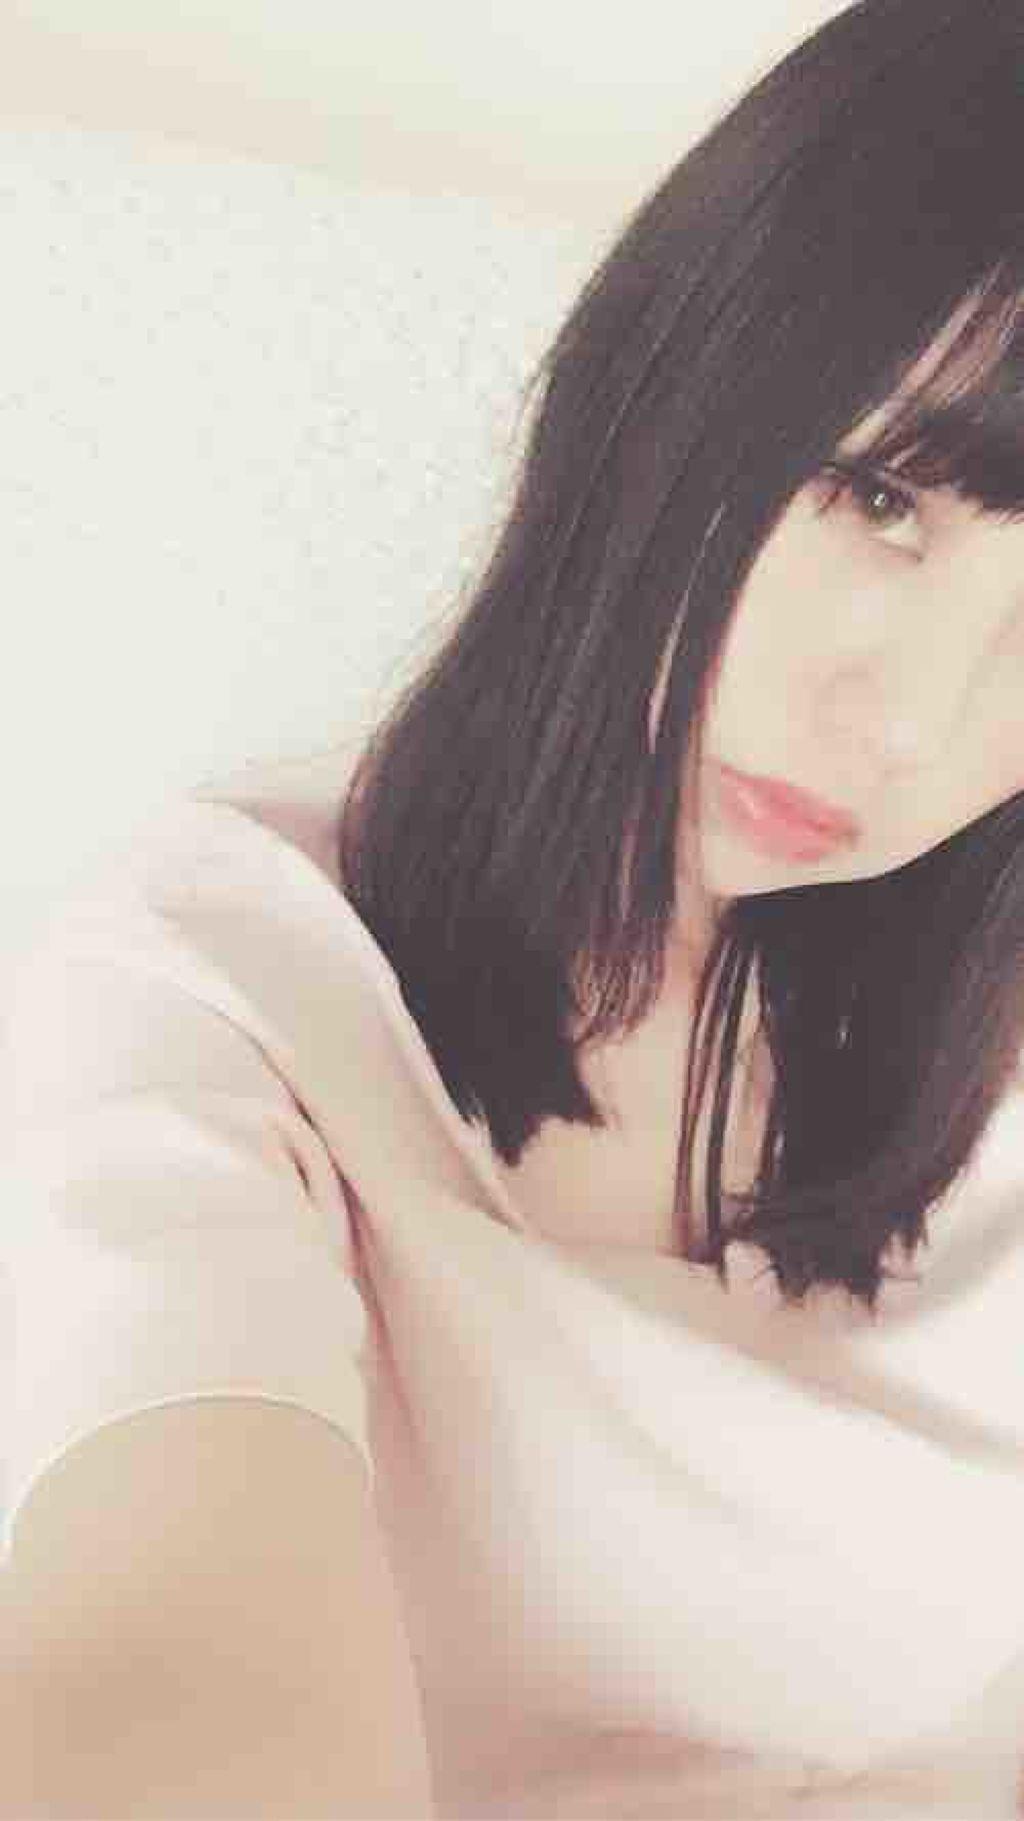 ruu_shiki